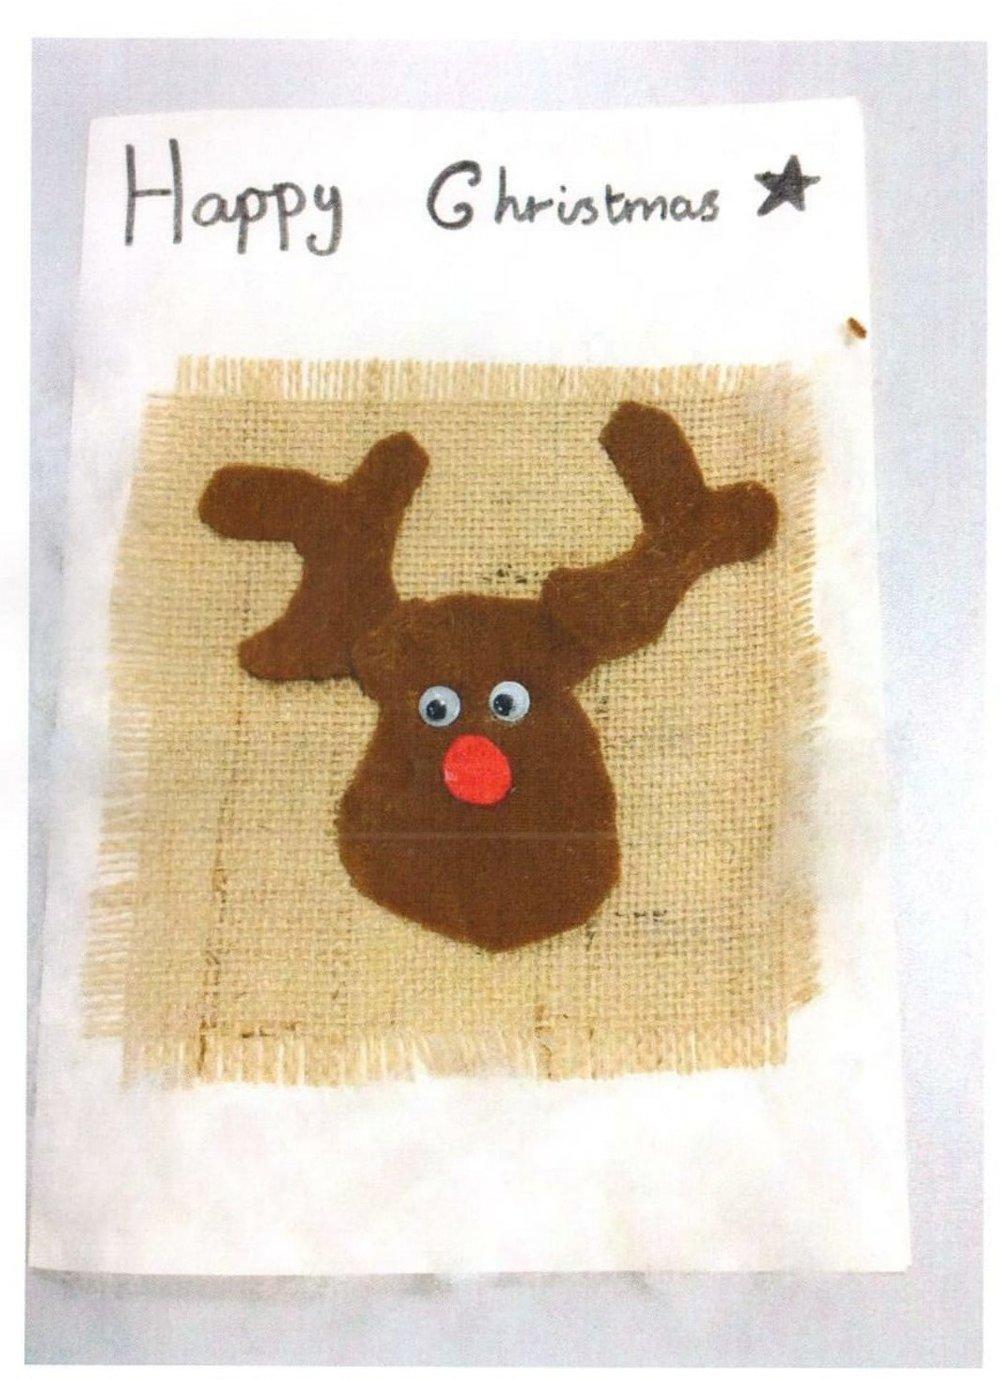 Darcie's winning hand-stitched reindeer.